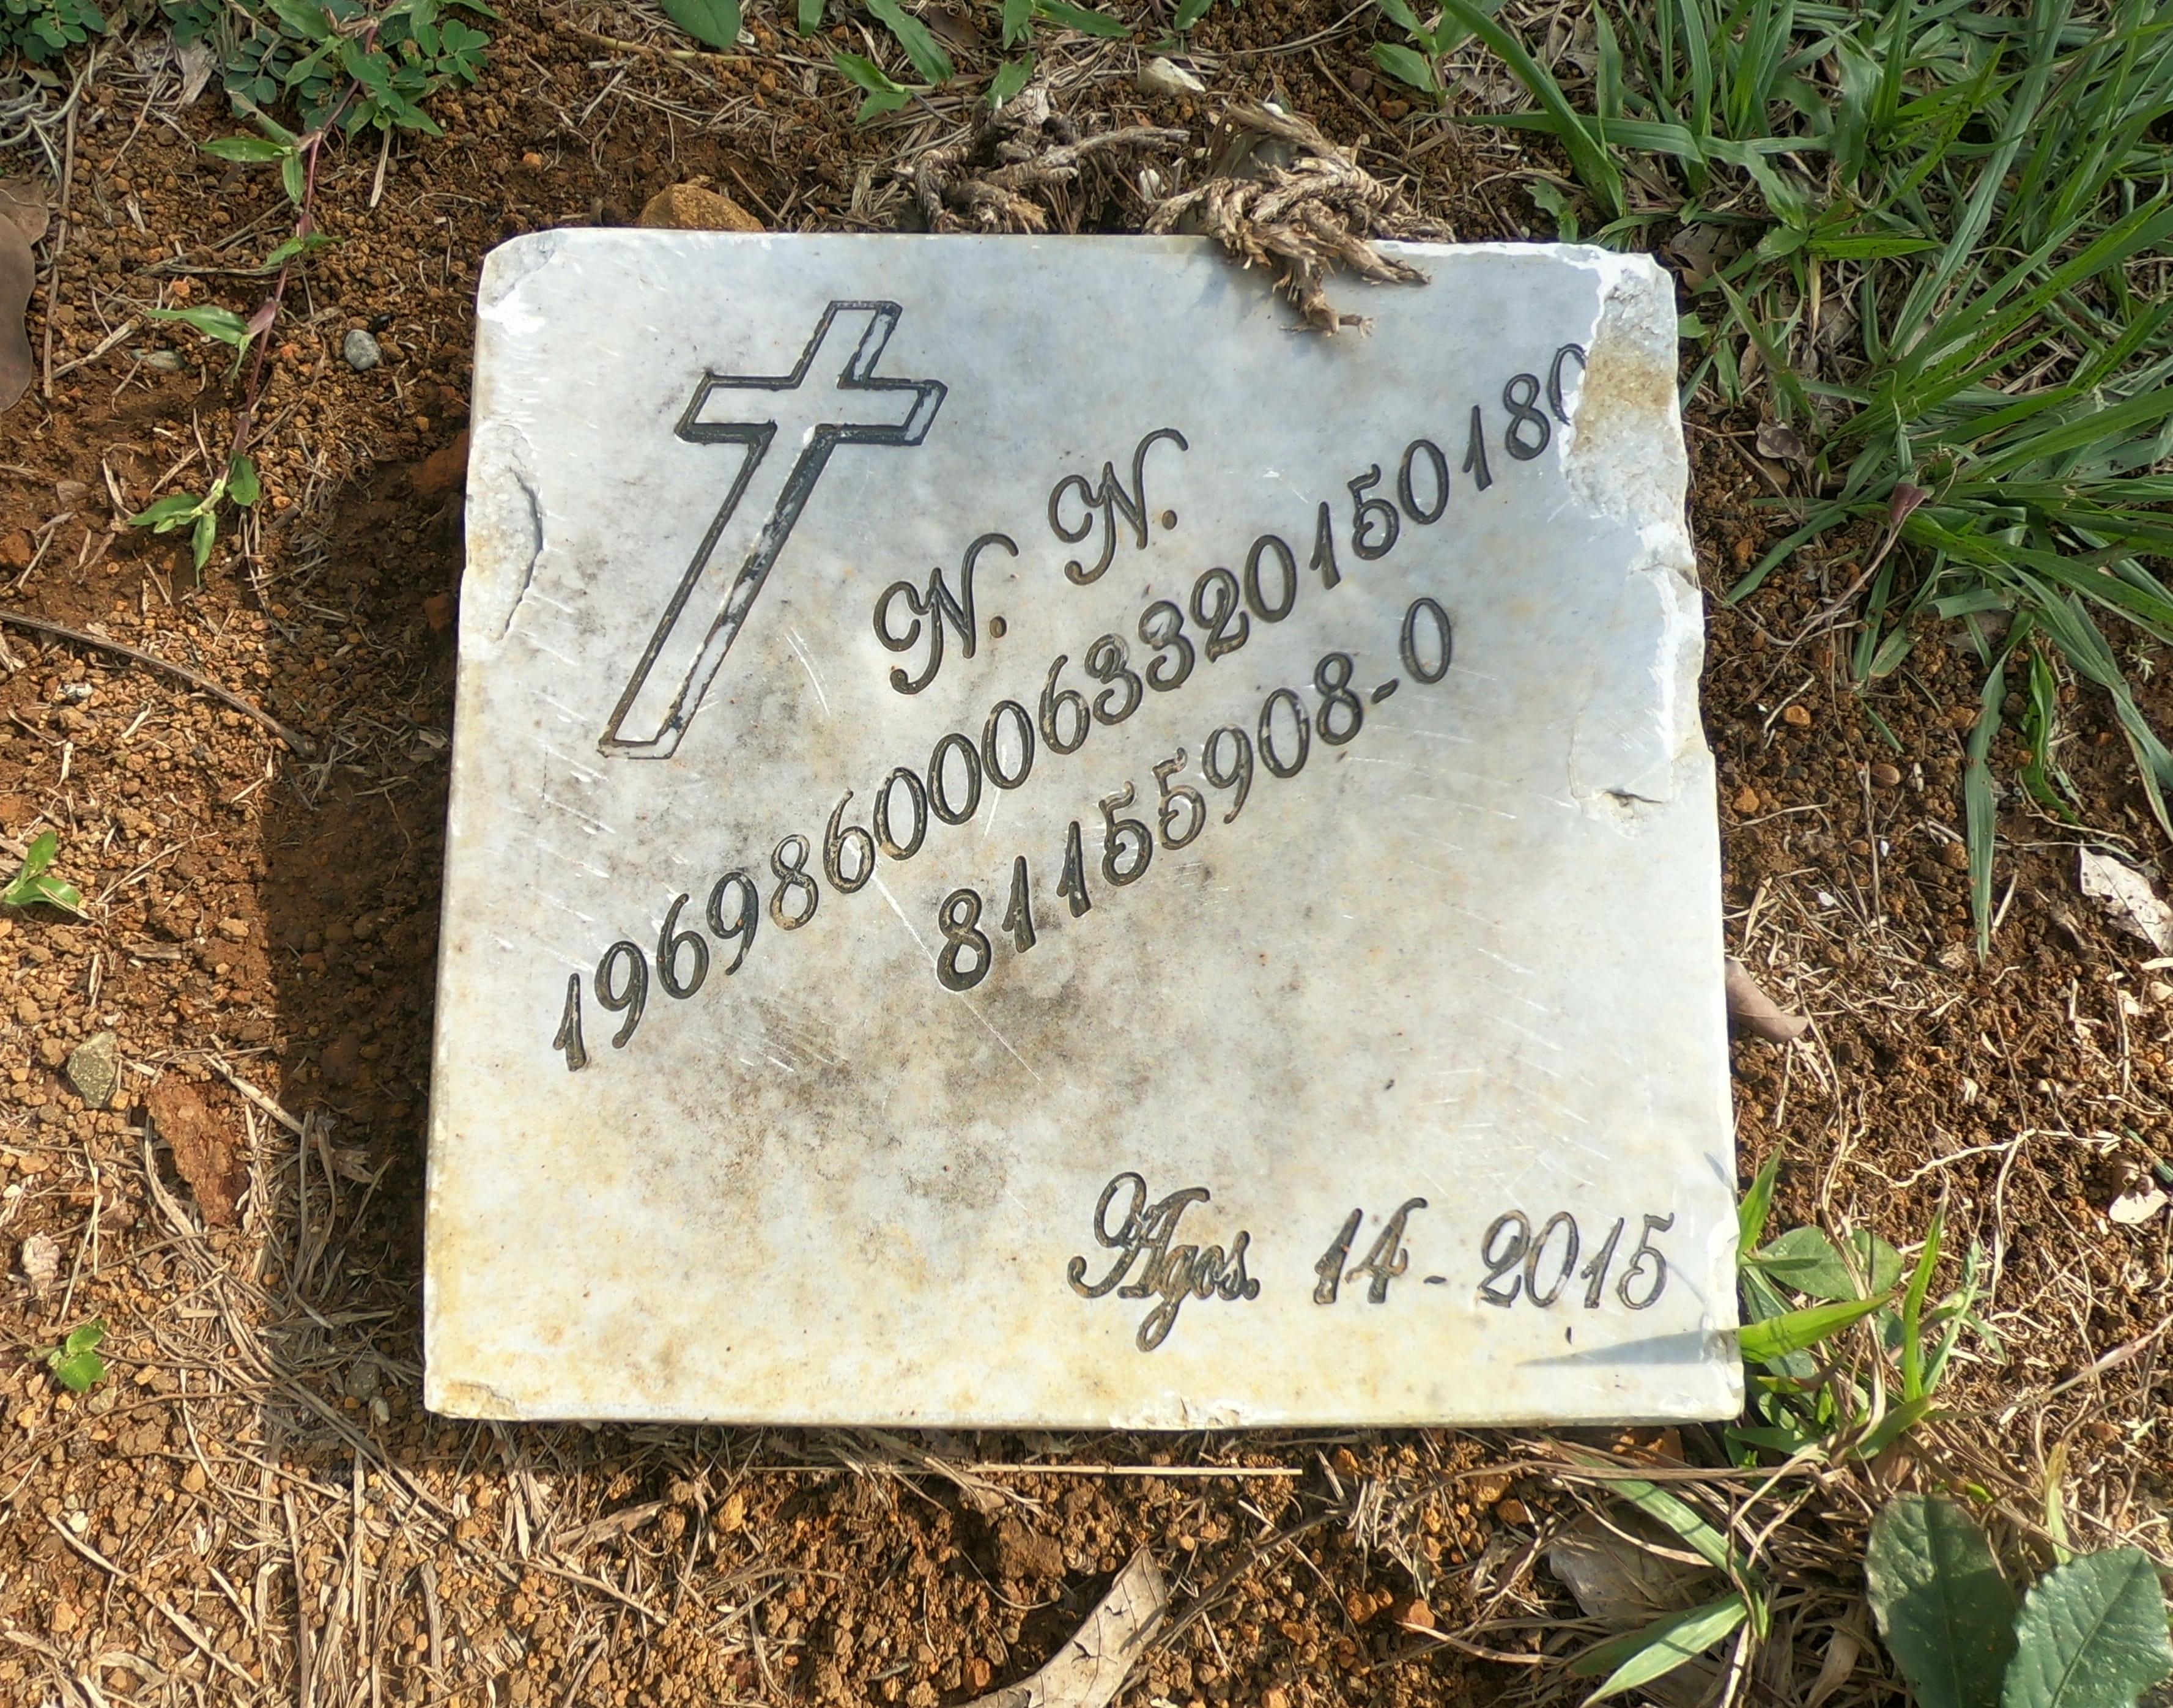 El Cementerio de Marsella cuenta con más de 350 personas no identificadas. Hasta la fecha se ha hecho una comisión para la identificación de los cuerpos. Foto por: Álvaro Avendaño